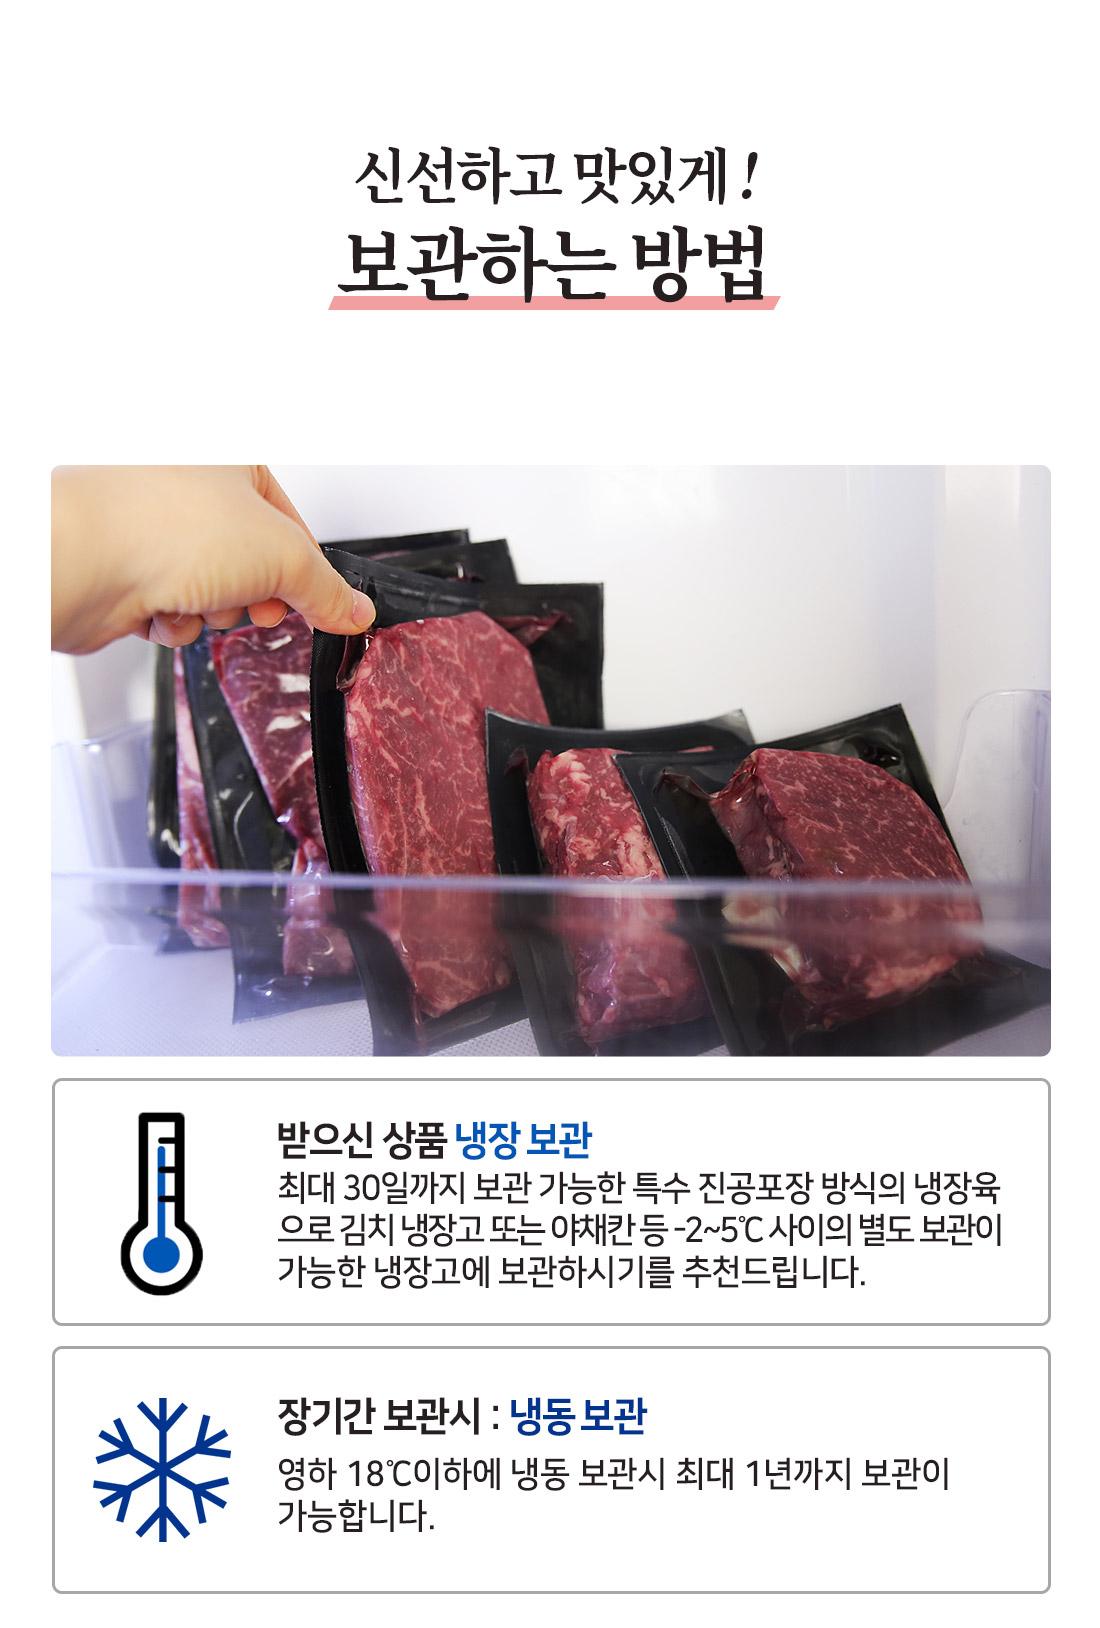 멀티박 진공포장4